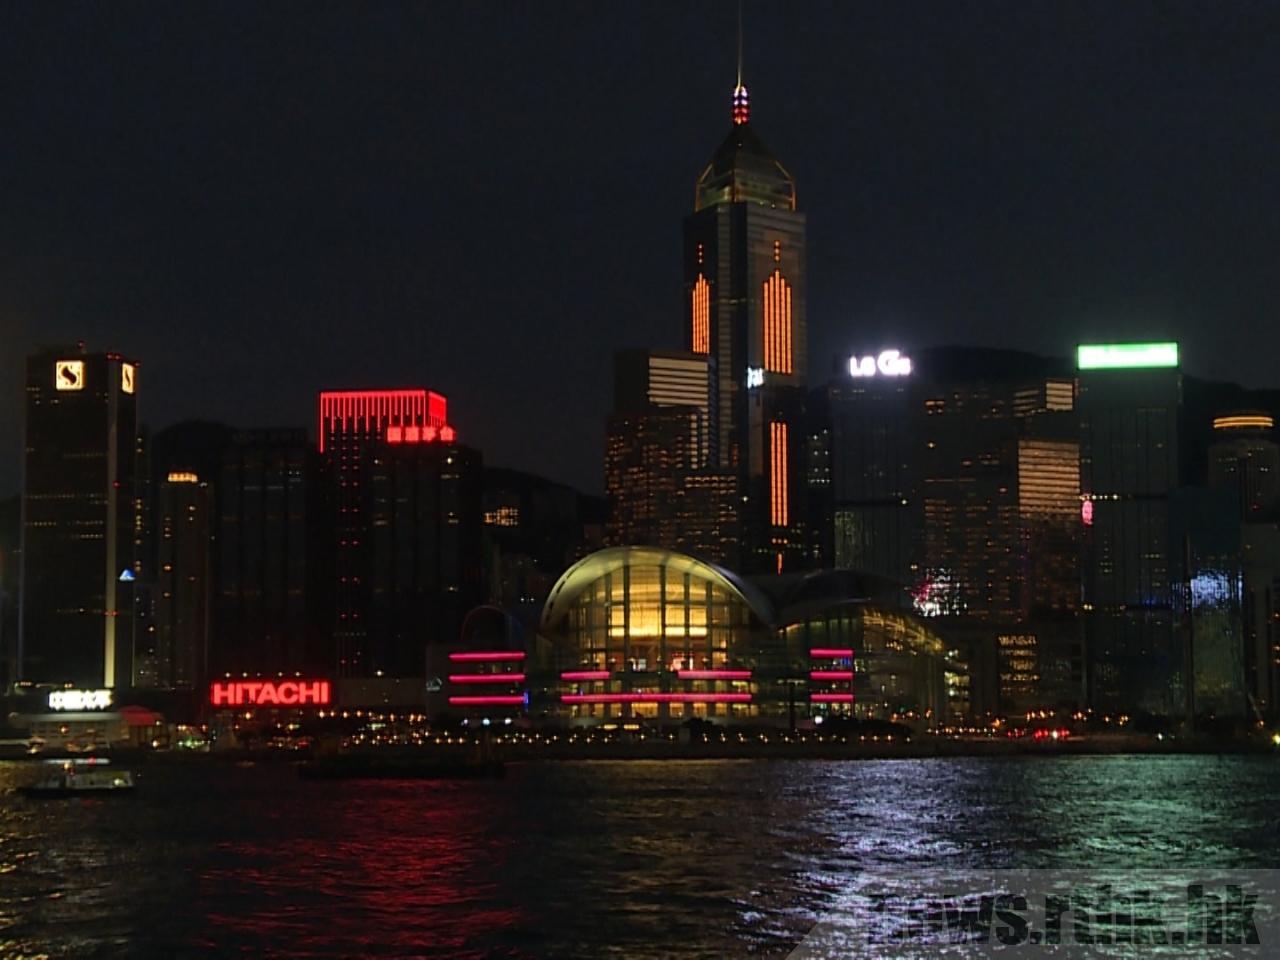 特區政府發言人回應指,外國政府不應以任何形式干預香港特區的內部事務。(港台圖片)